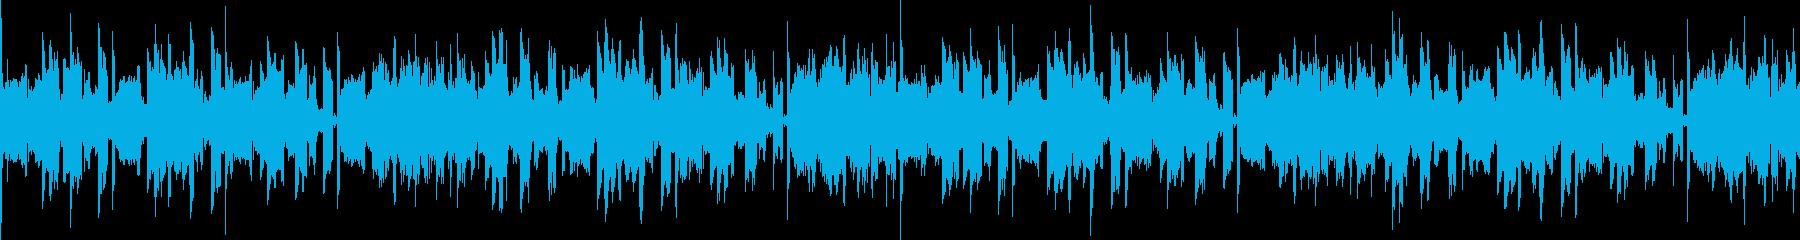 ドライブに最適 メロウなエレクトロソウルの再生済みの波形